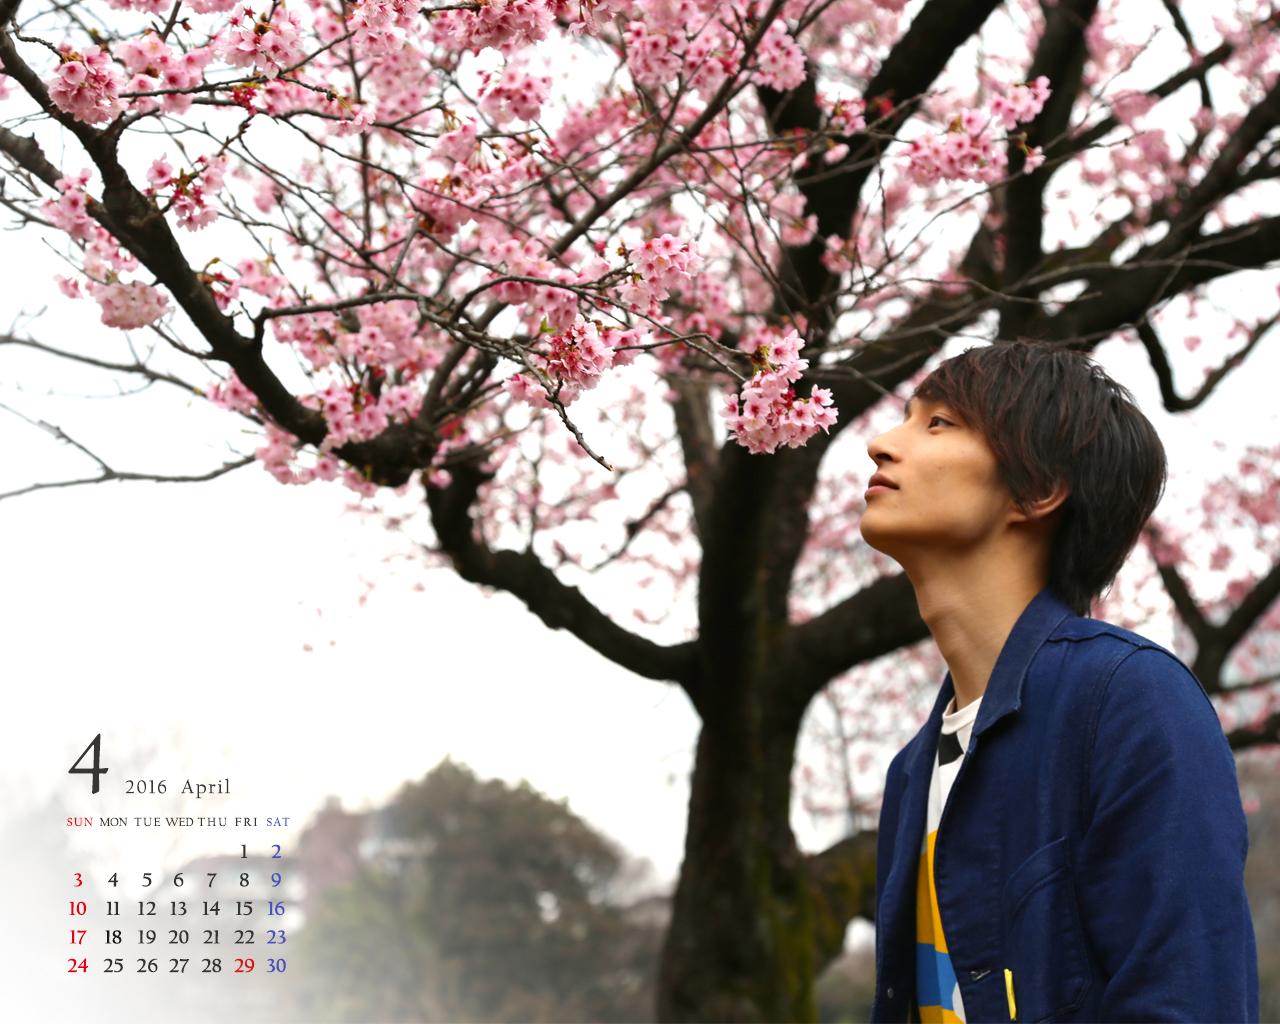 邑ser's guide 会員限定 壁紙(2016年4月カレンダー)